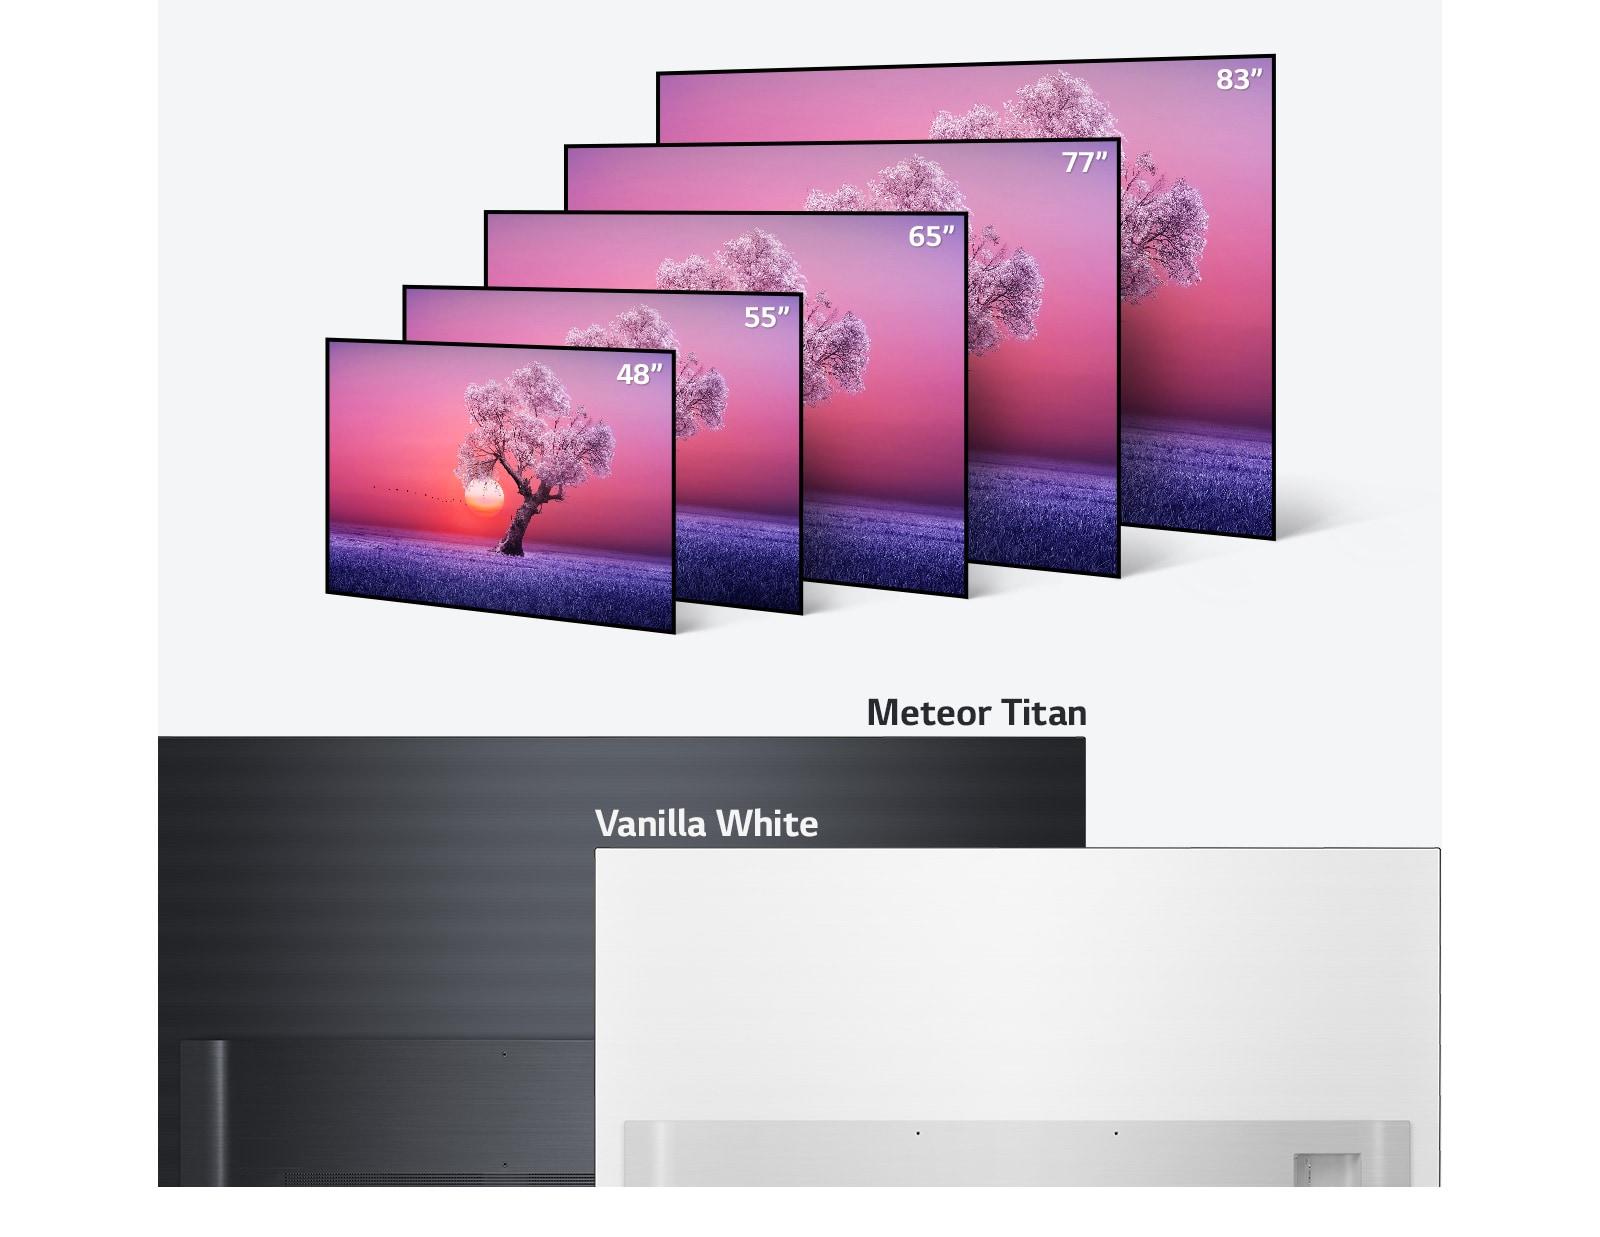 LG OLED TV line-up met verschillende maten van 48 tot 83 inch